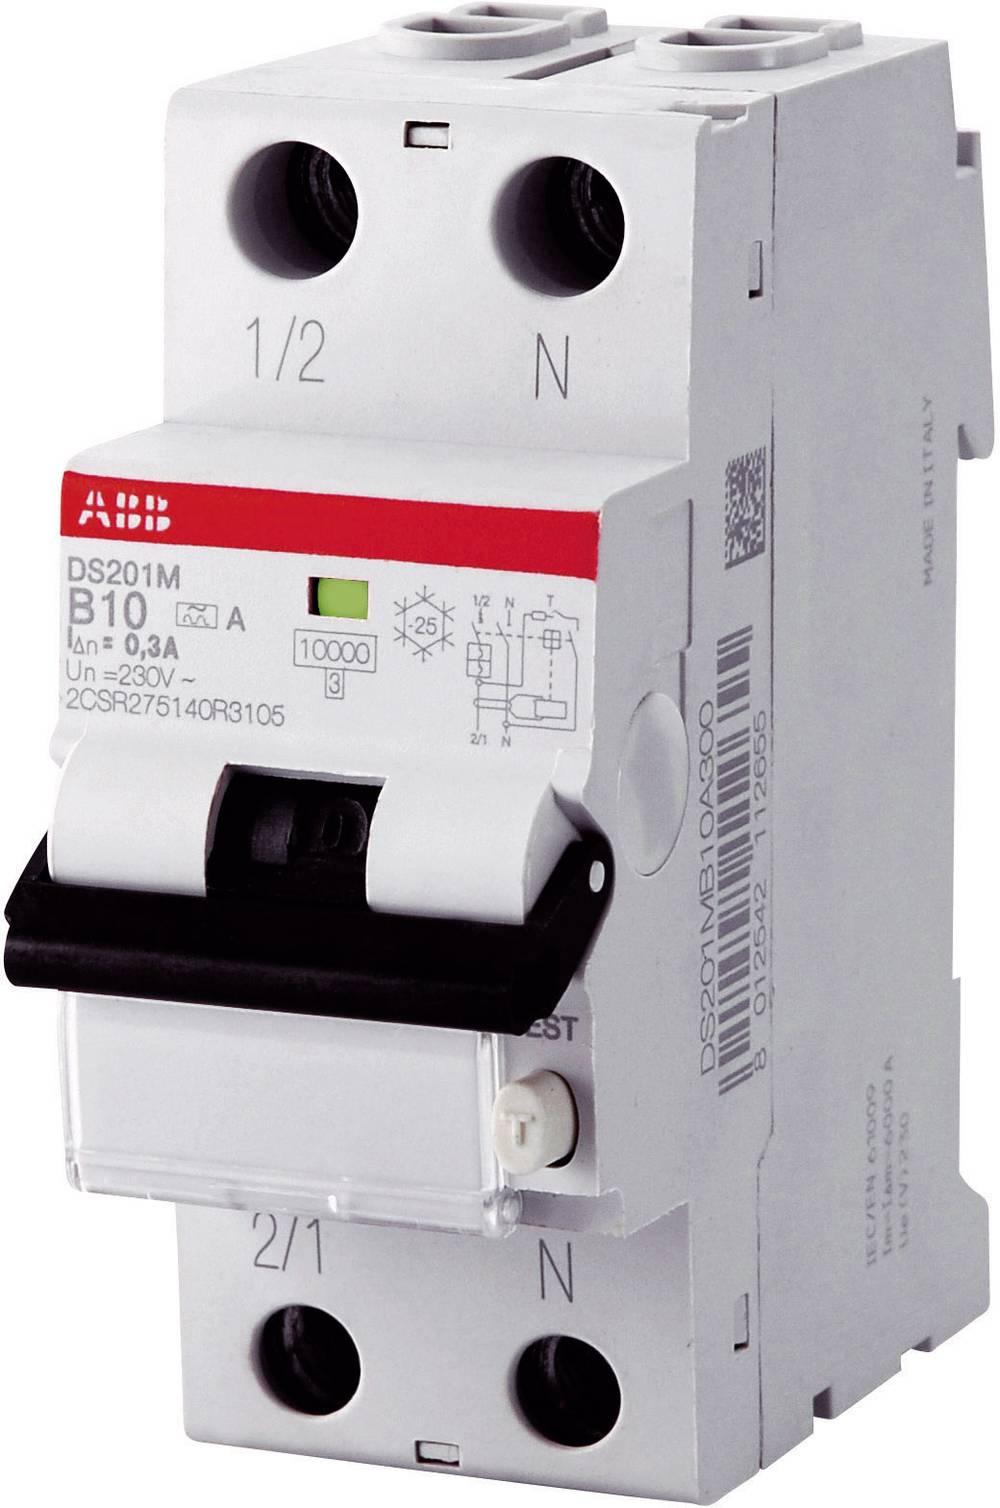 FID Zaštitni prekidač 2-polni 16 A 230 V ABB 2CSR255140R1164